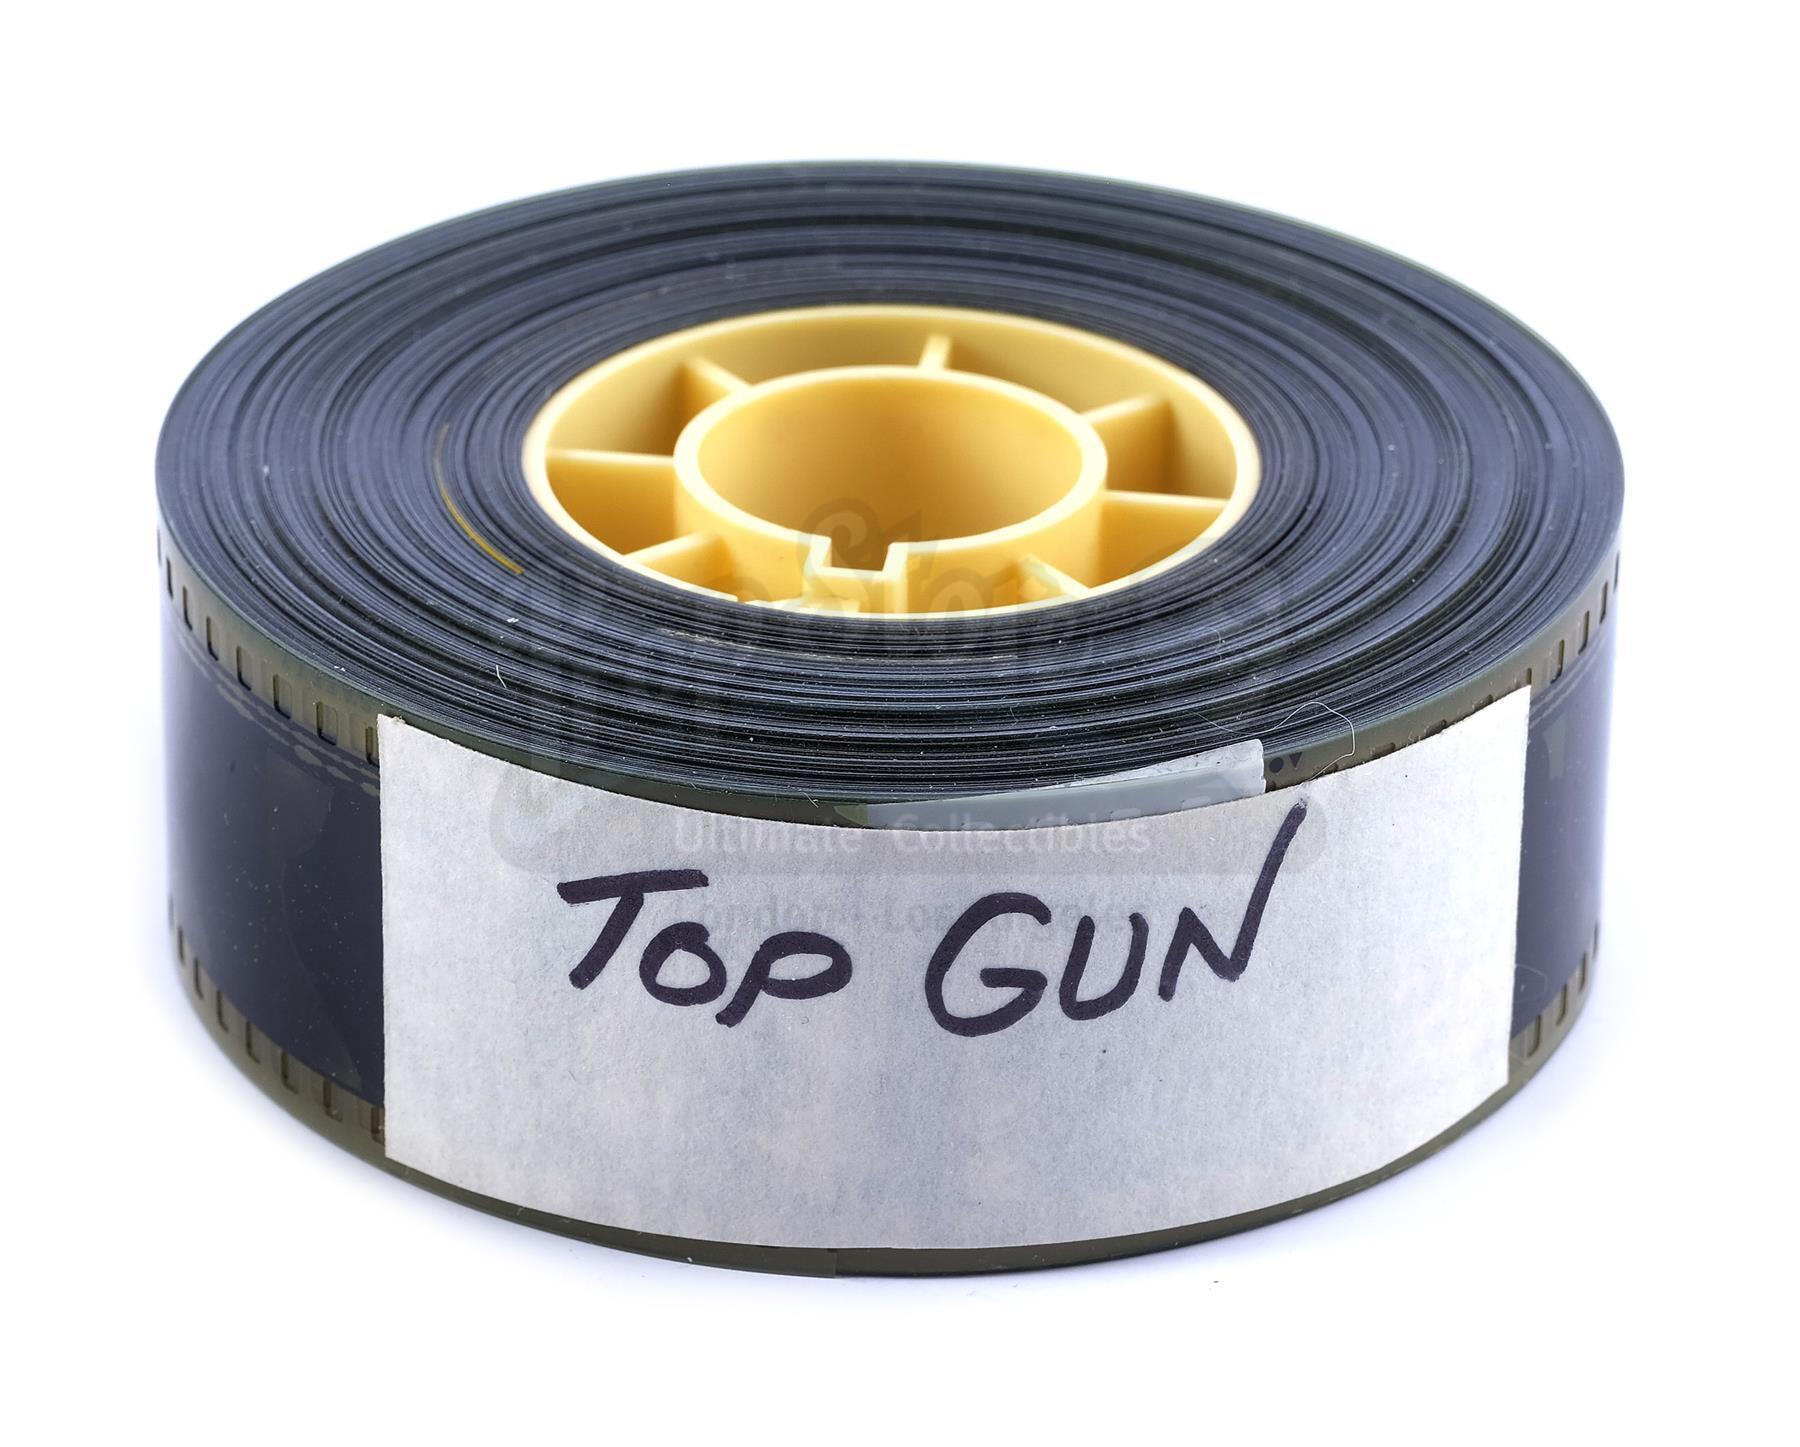 Lot # 1297: TOP GUN - 35mm Trailer Reel